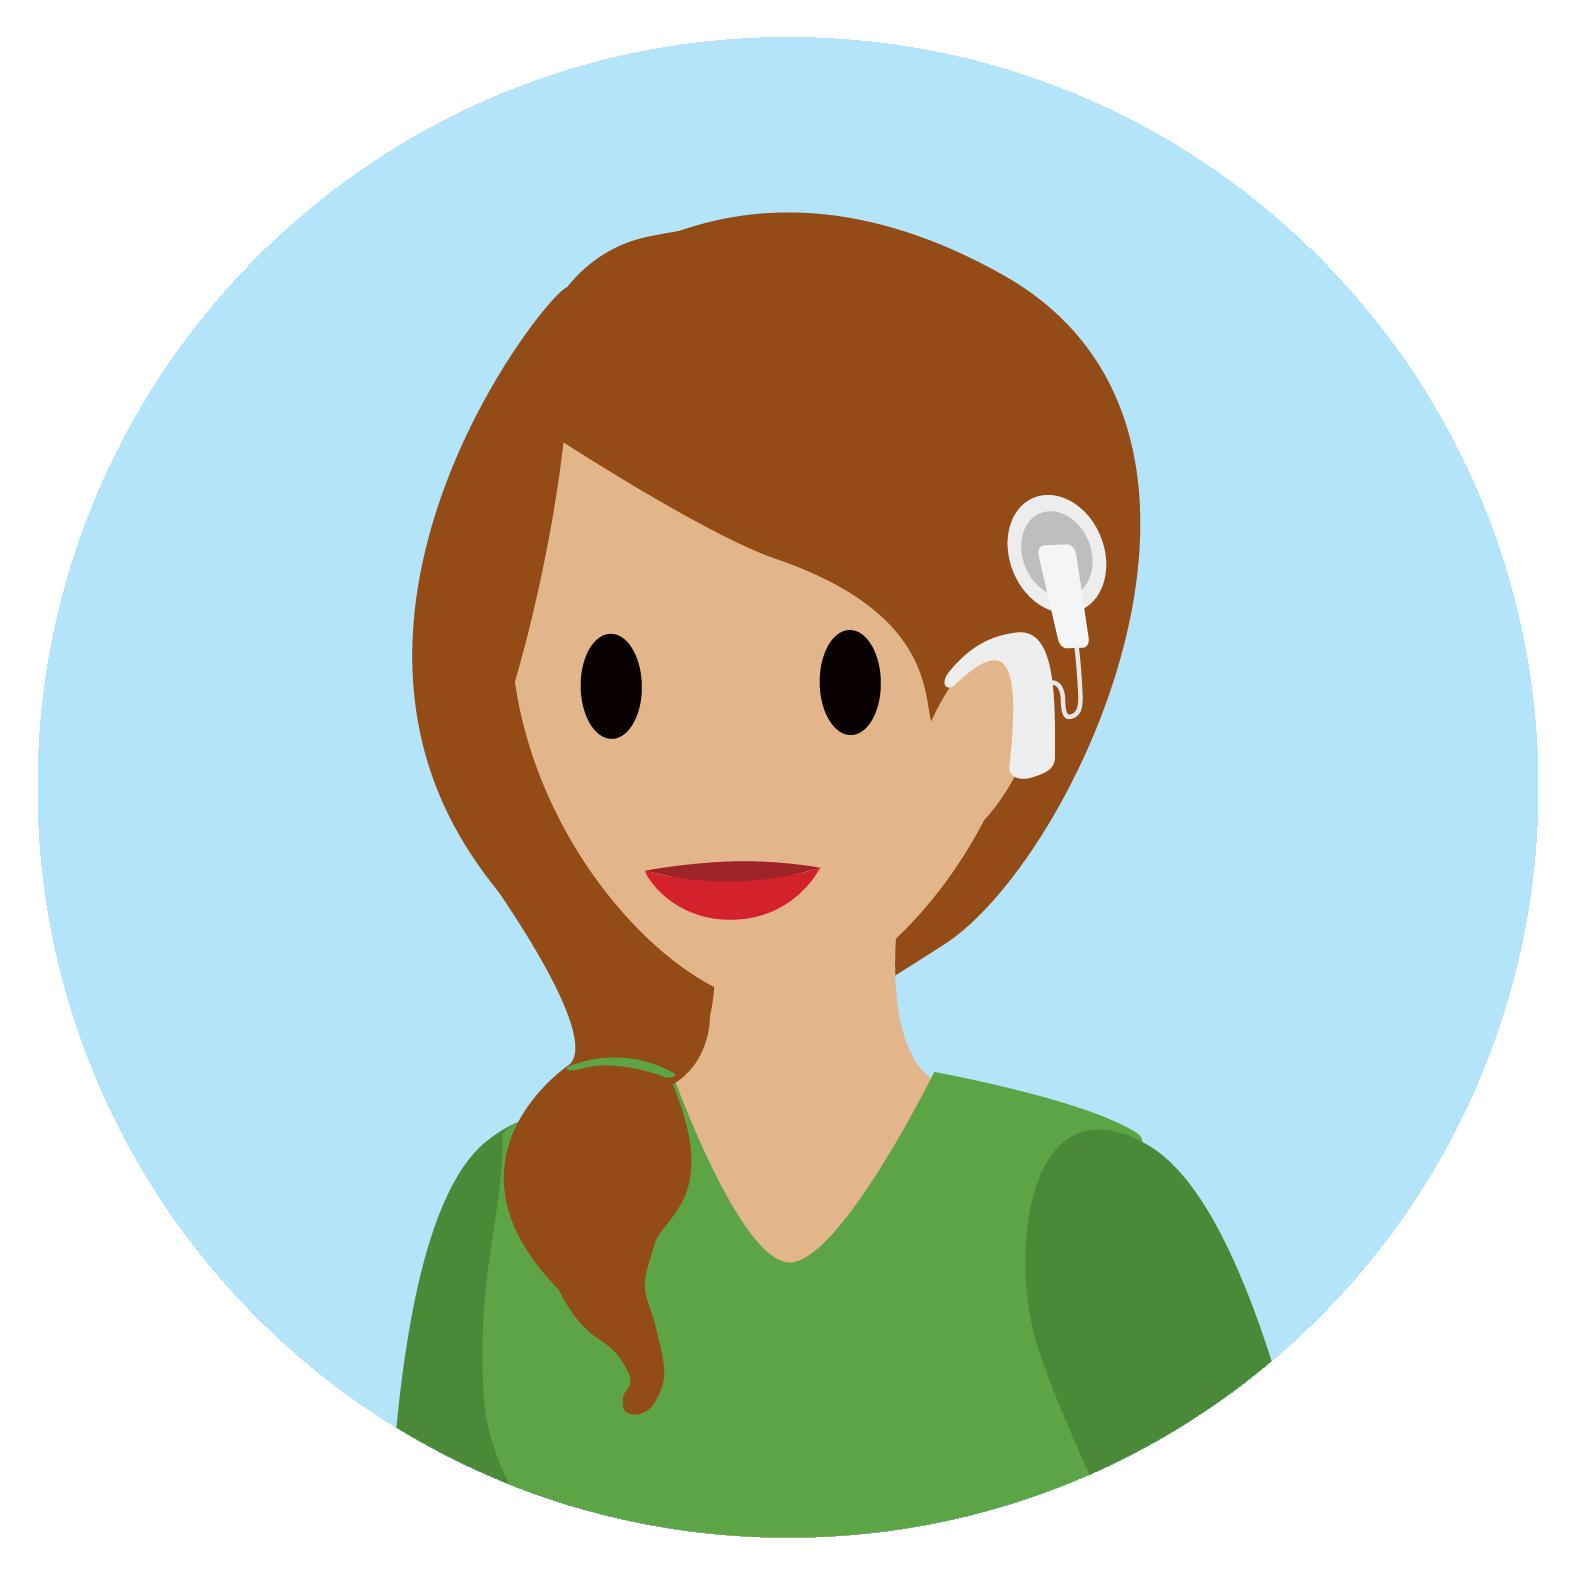 Mulher que utiliza um implante coclear sorrindo.